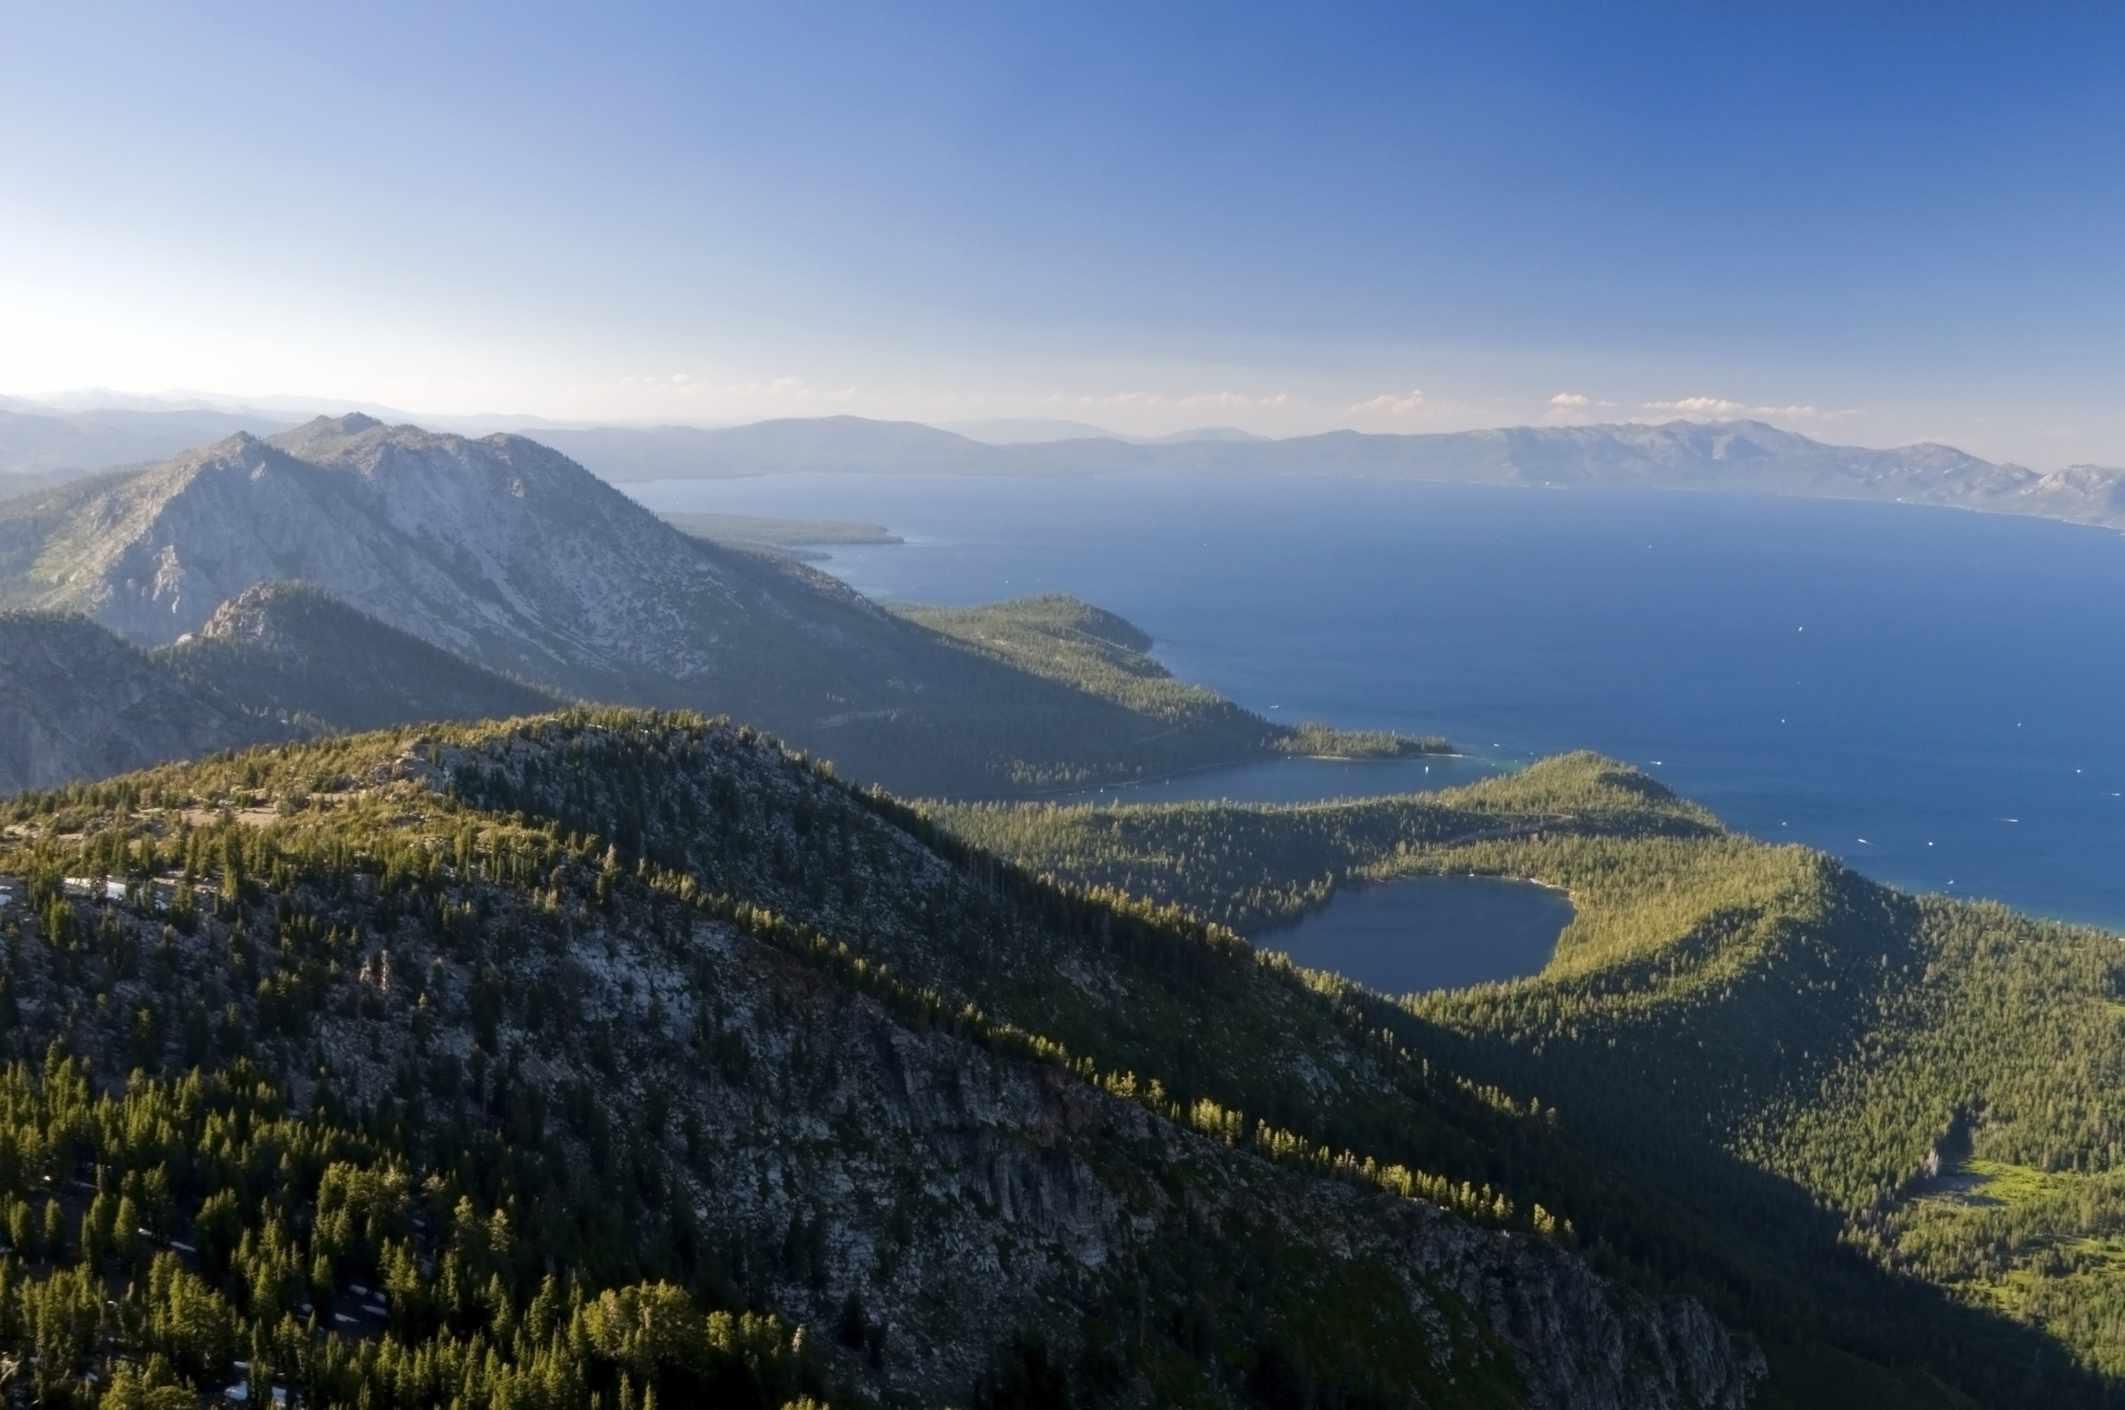 Vista del lago Tahoe desde la cima del monte Tallac en el verano, California